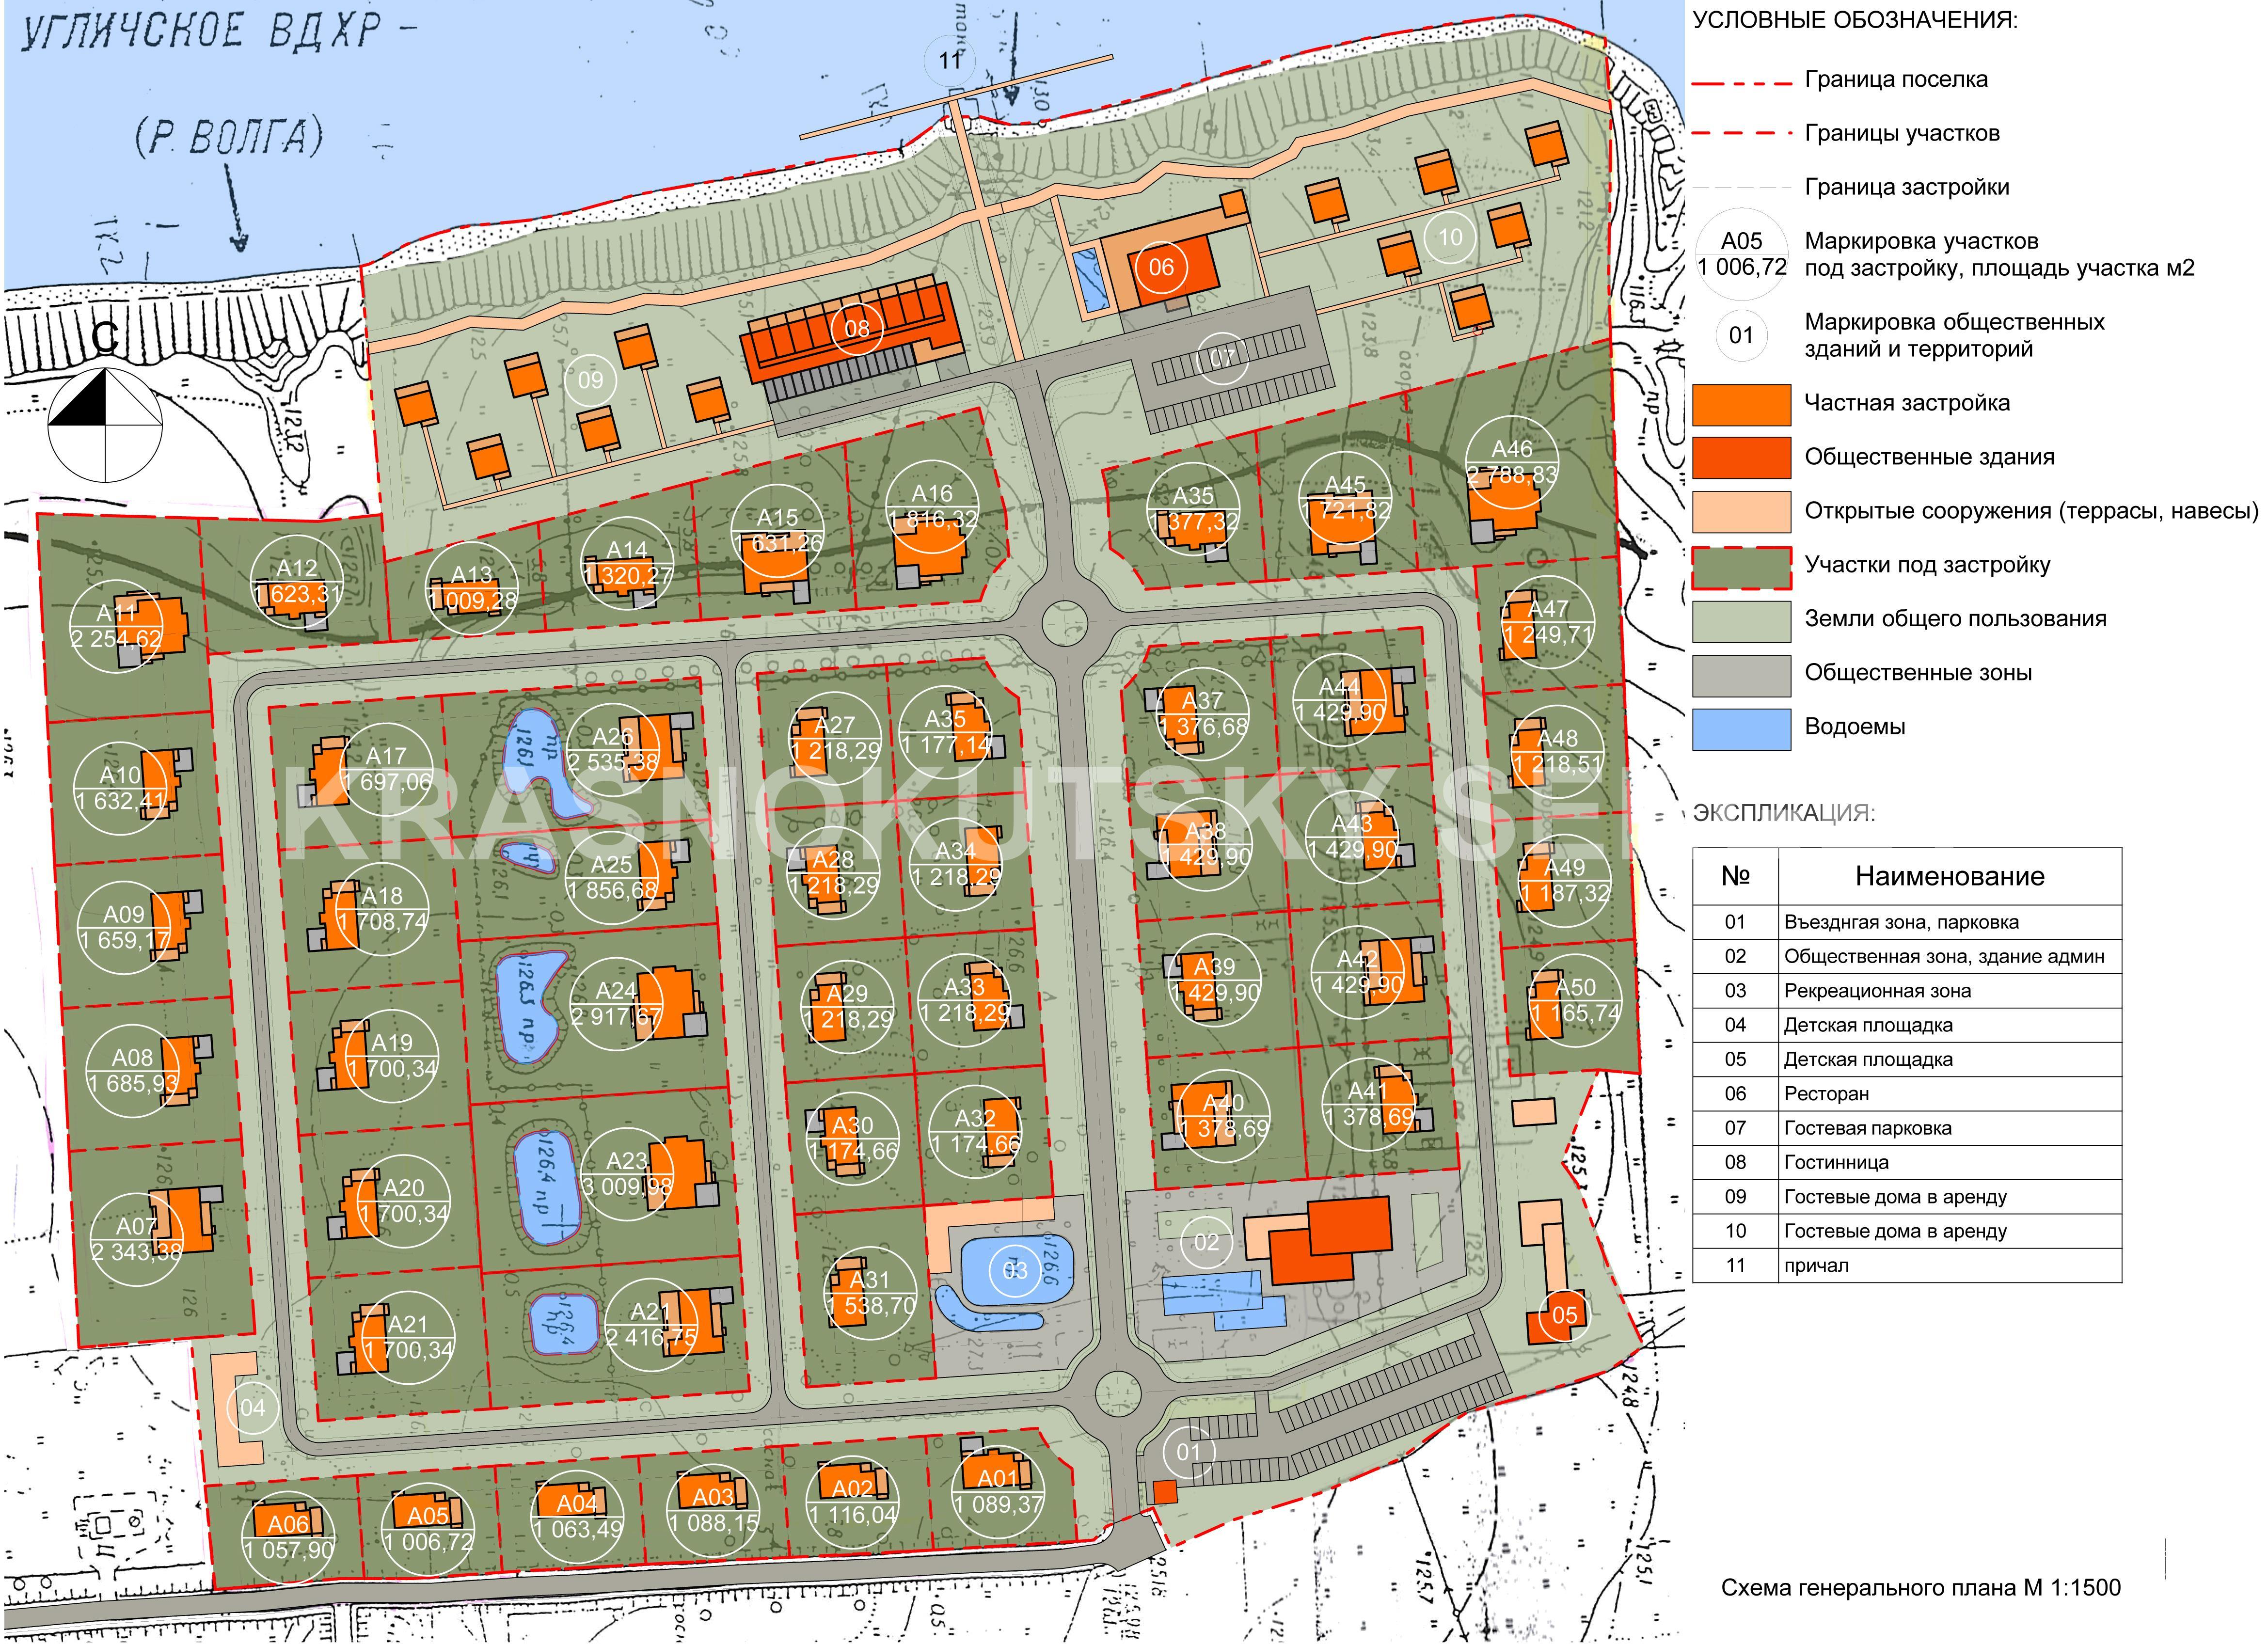 01 Схема генерального плана М 1_1500-1